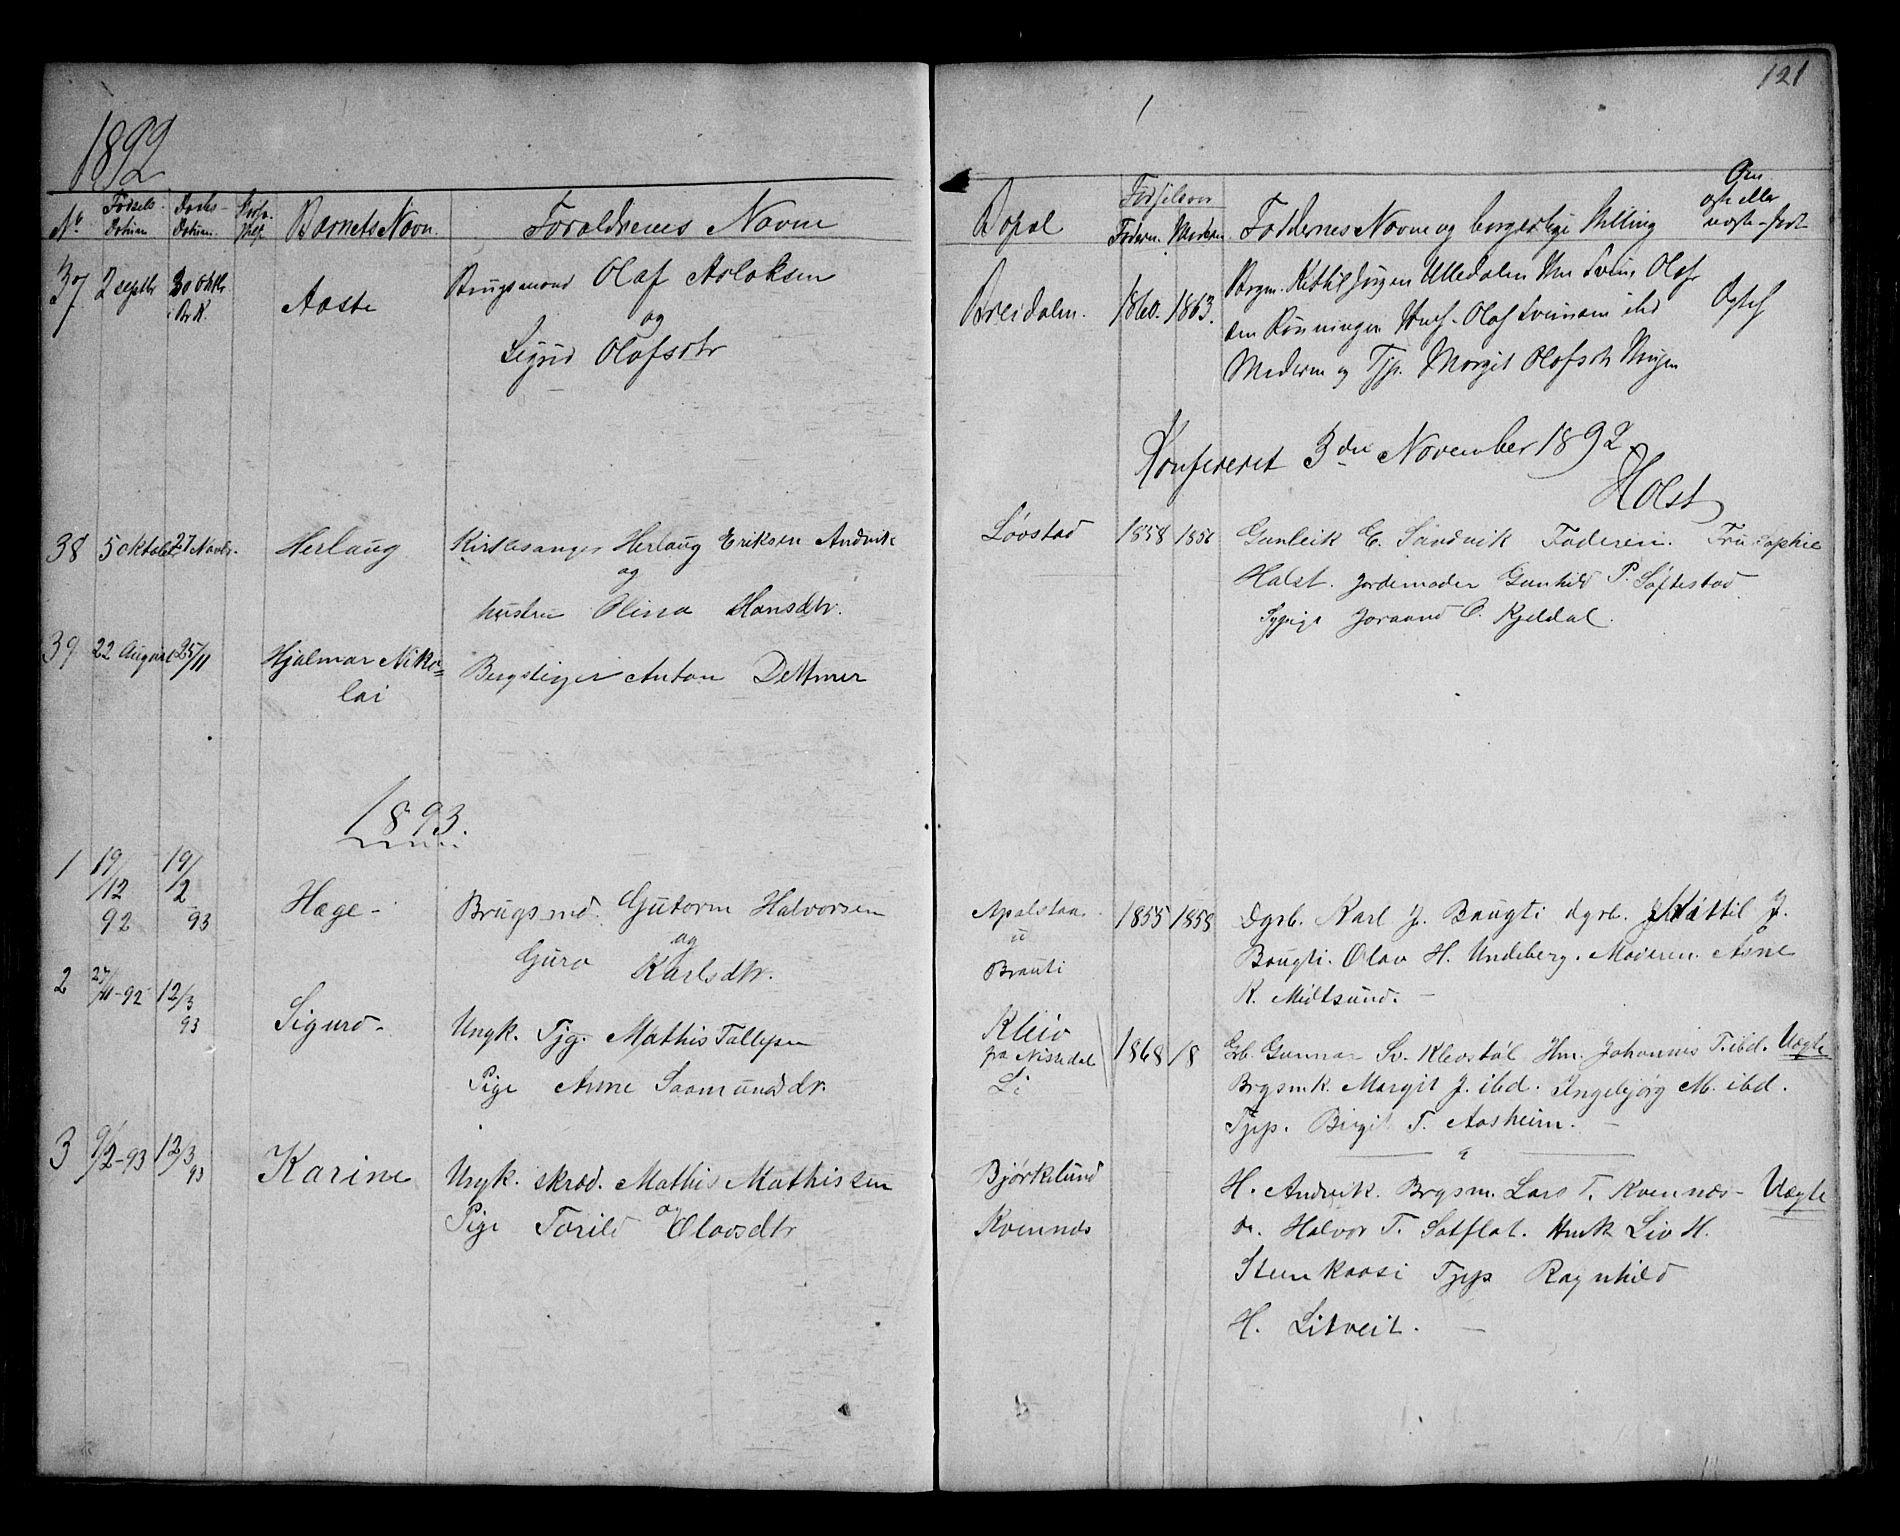 SAKO, Kviteseid kirkebøker, G/Ga/L0001: Klokkerbok nr. I 1, 1850-1893, s. 121